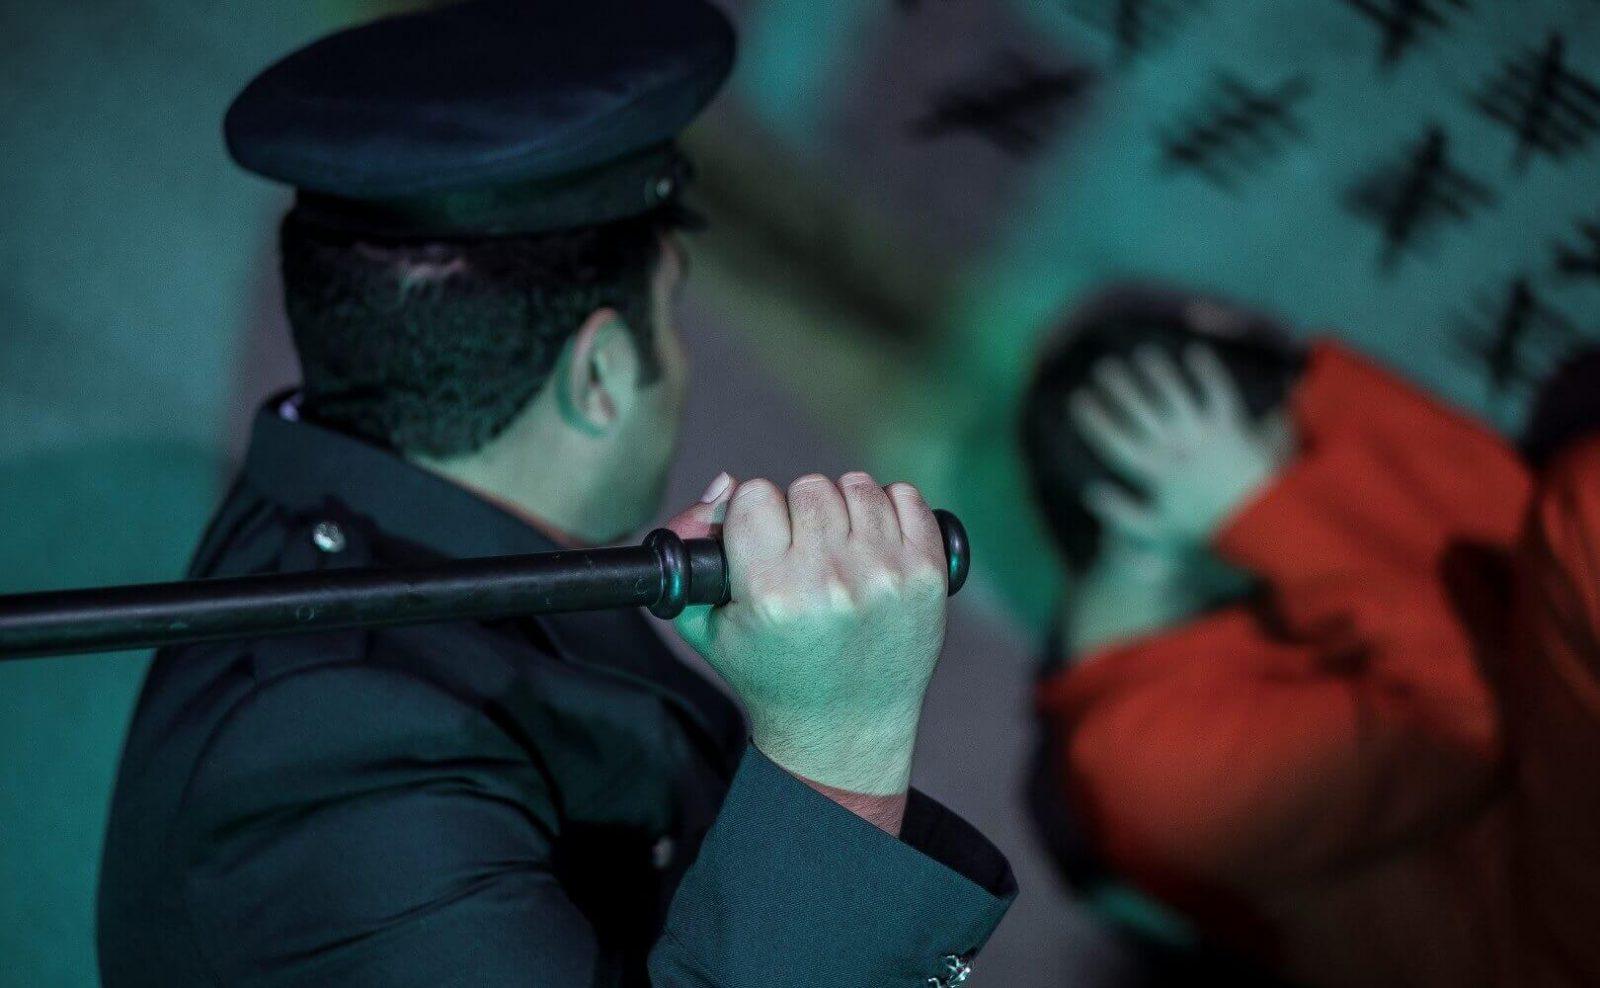 SirLockHomes - İstanbul - Büyük Kaçış Gerçek Evden ve Odadan Kaçış Oyunu